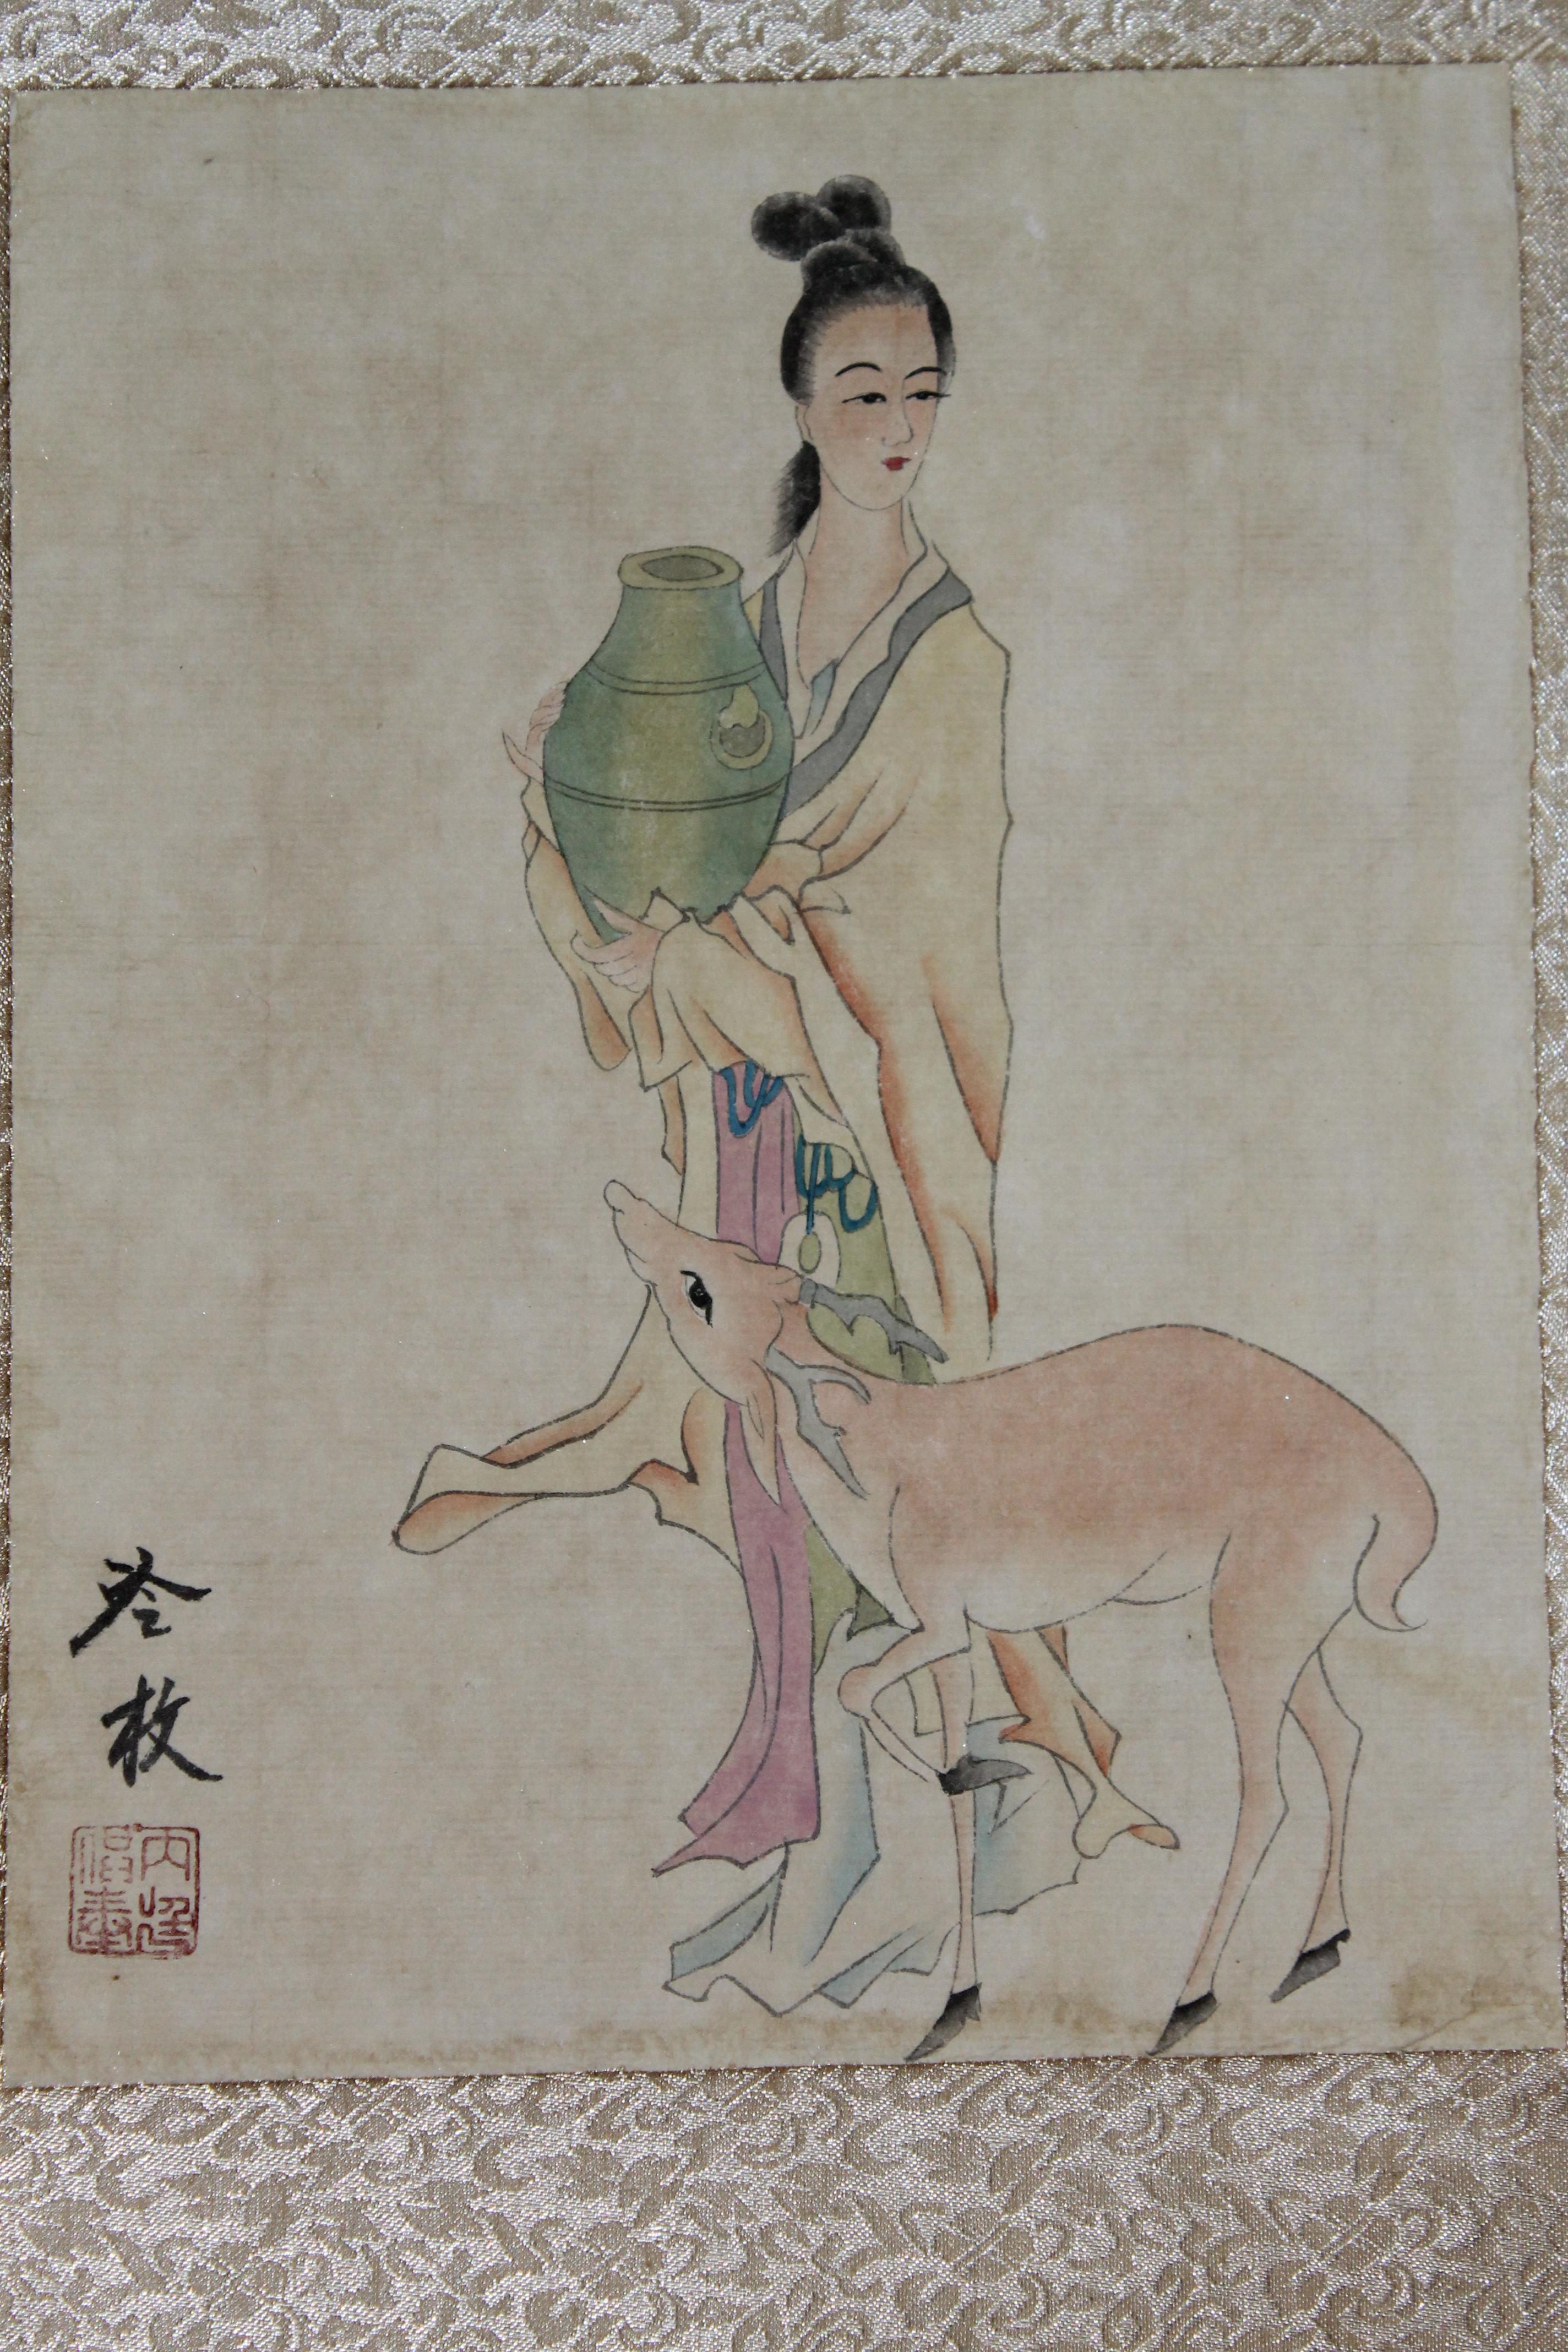 中国绘画邮票图录(11)清代绘画·清宫廷画家焦秉贞_... _新浪博客